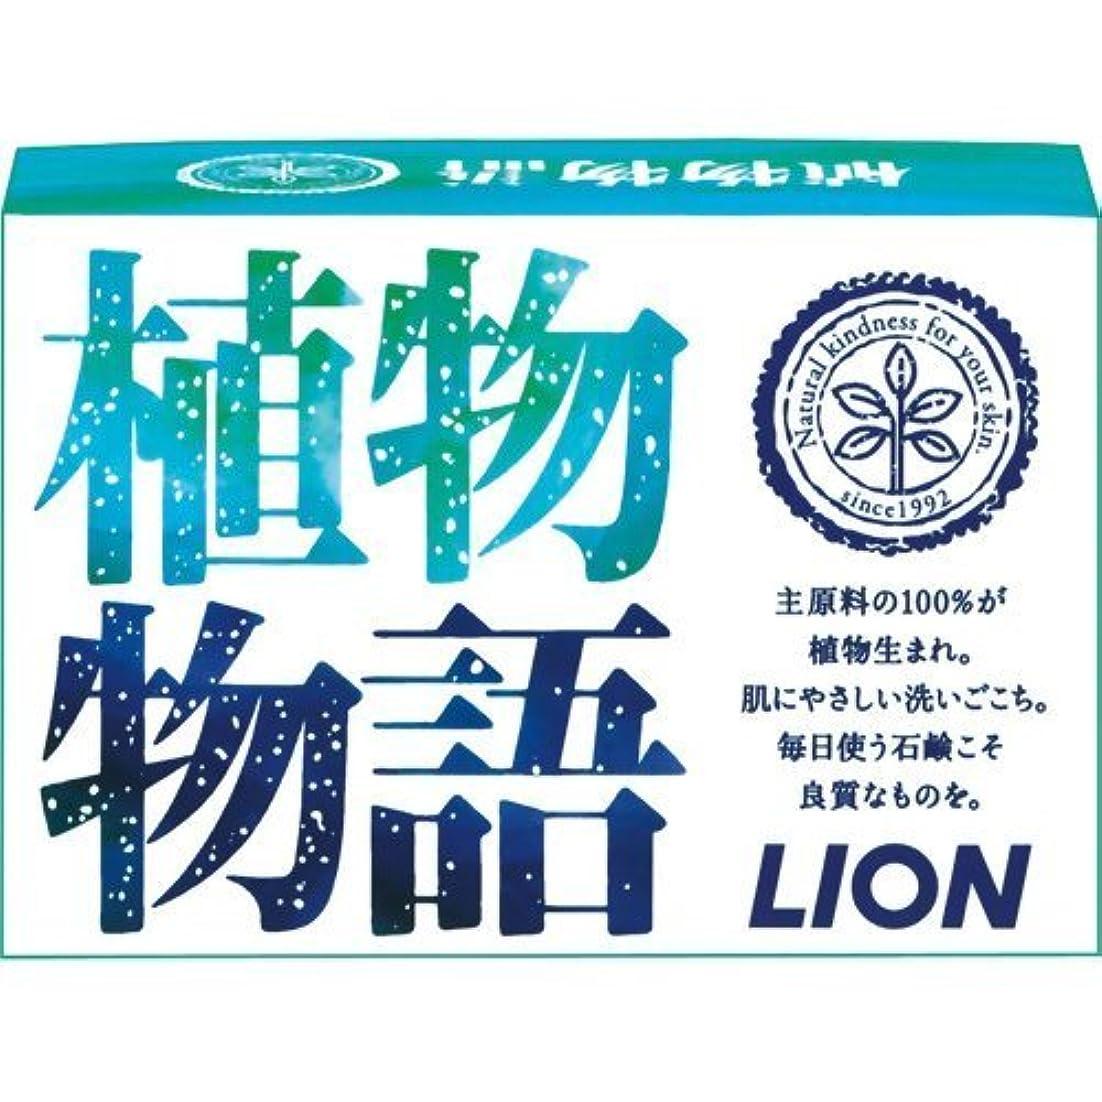 疑い者重荷回復するライオン 植物物語 化粧石鹸  1個